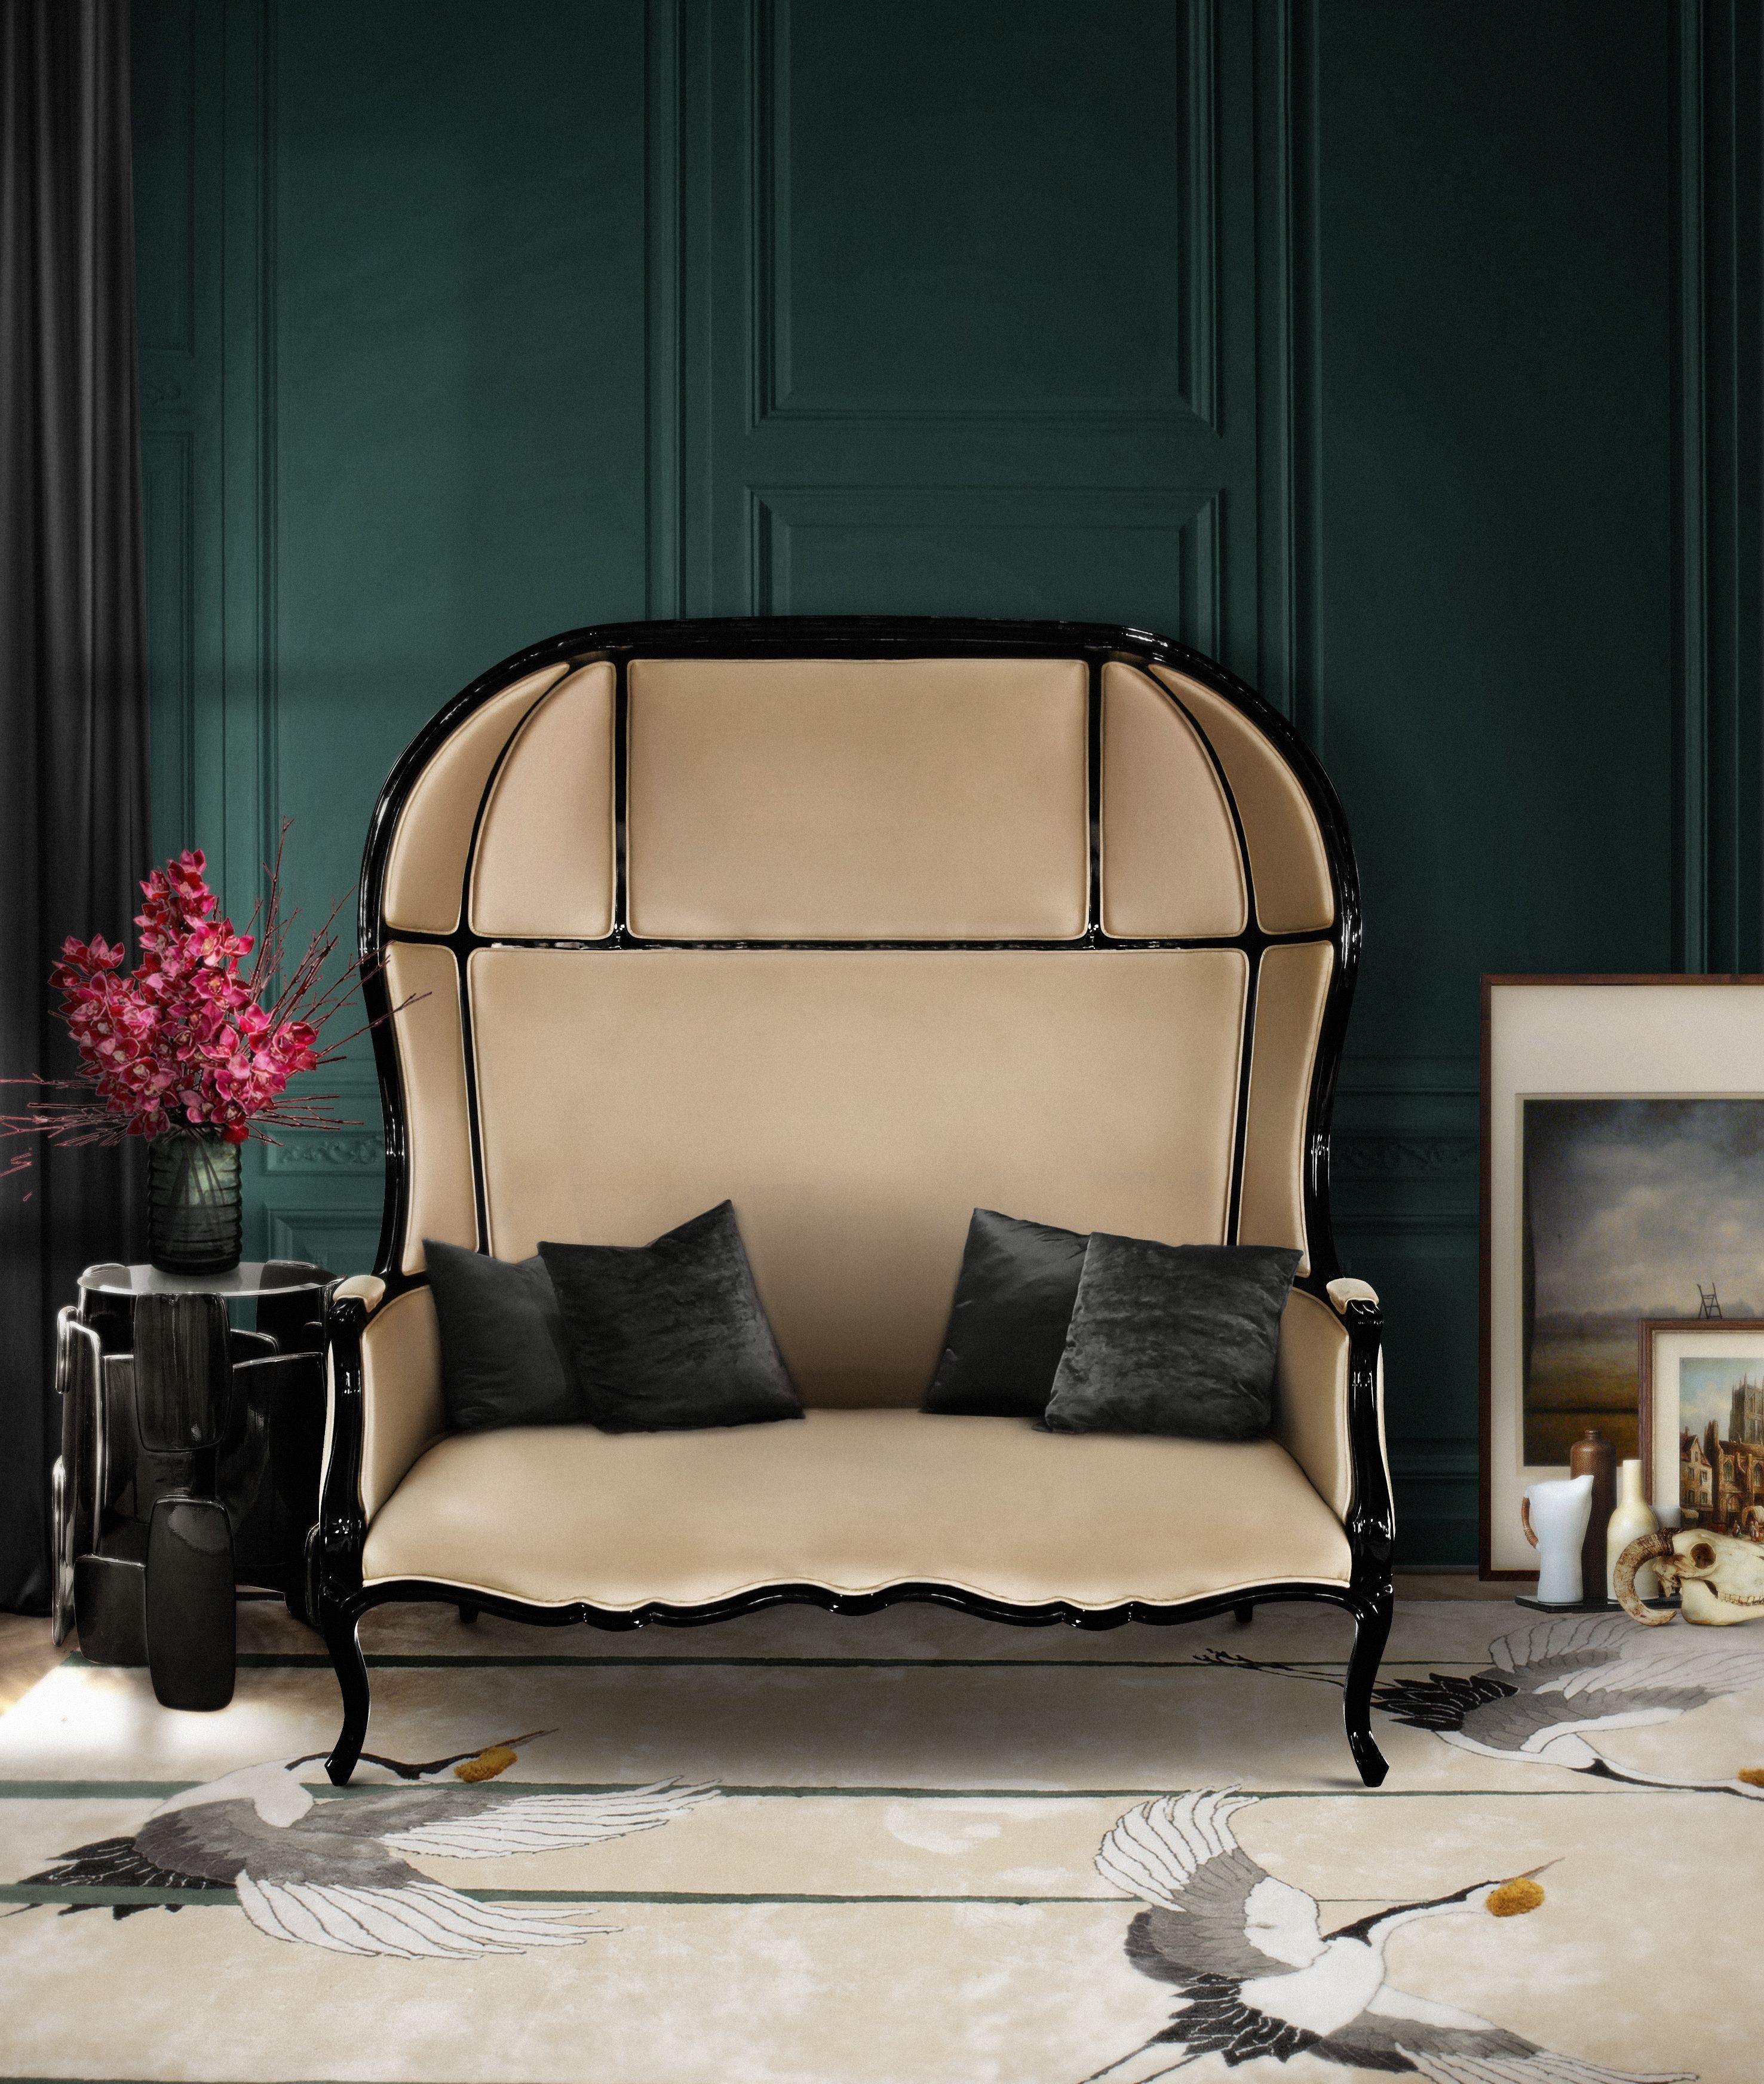 Modern Classic Möbel, hochwertige Möbel, moderner Stil, modernes Design